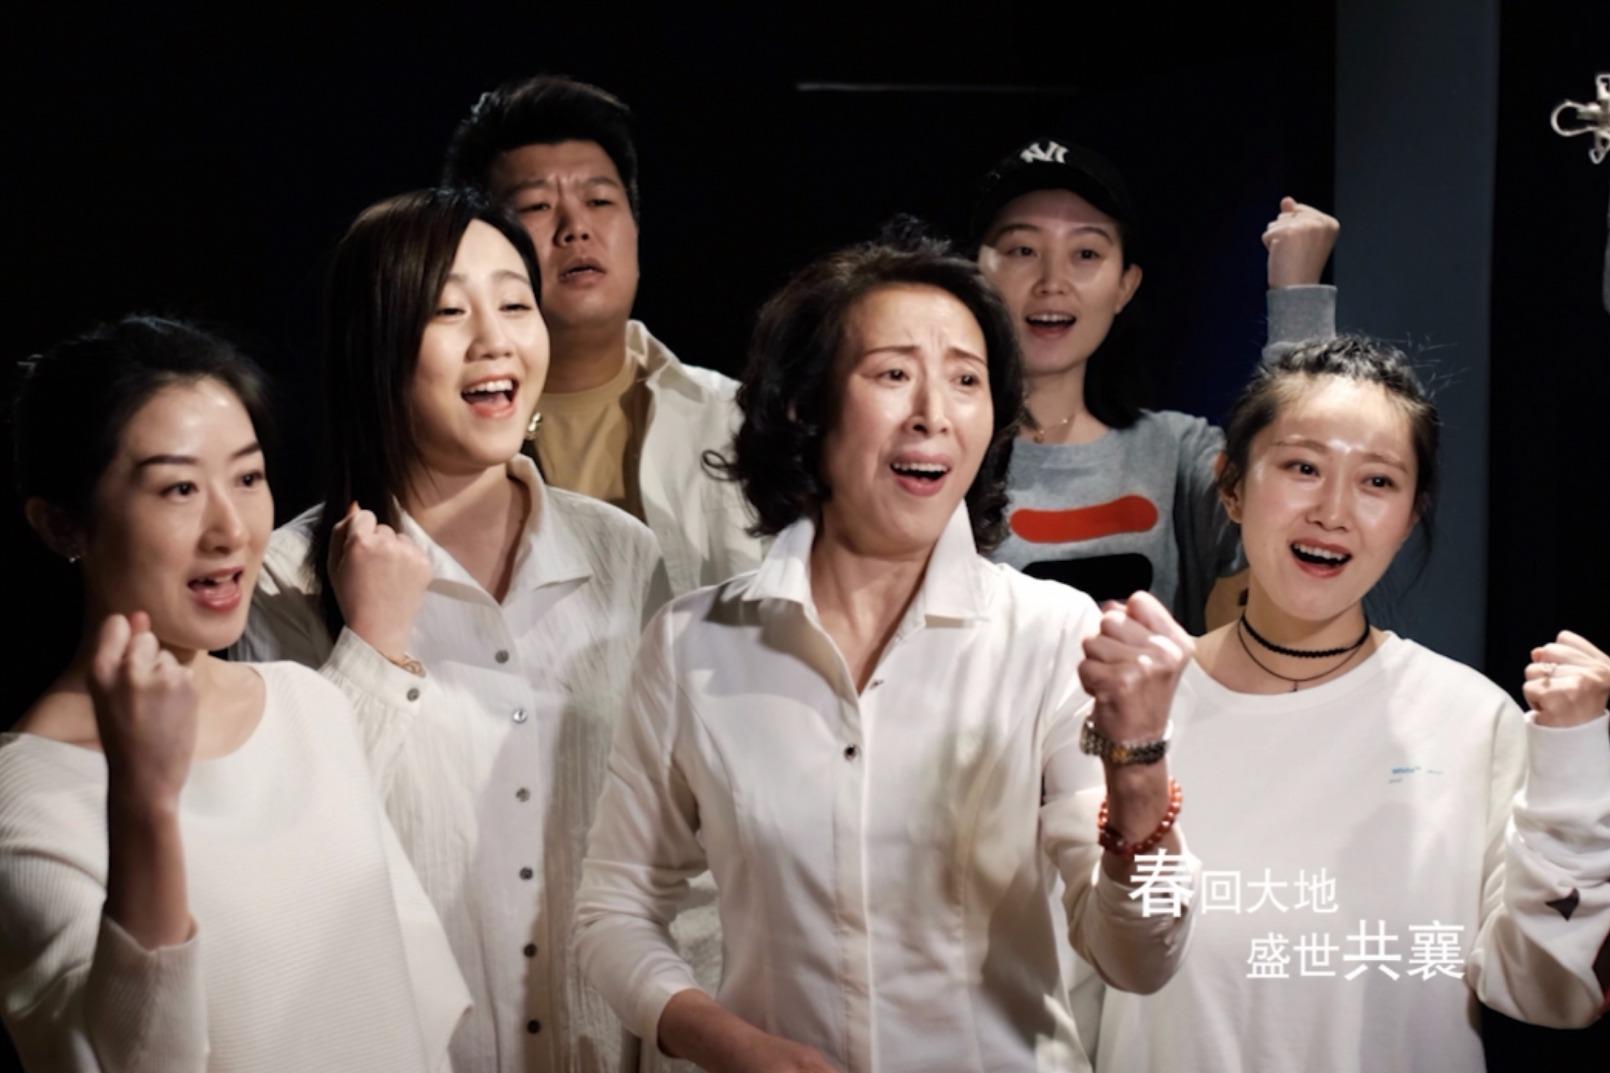 传递力量 大连民办教育界 唱响公益歌曲《中国必胜》